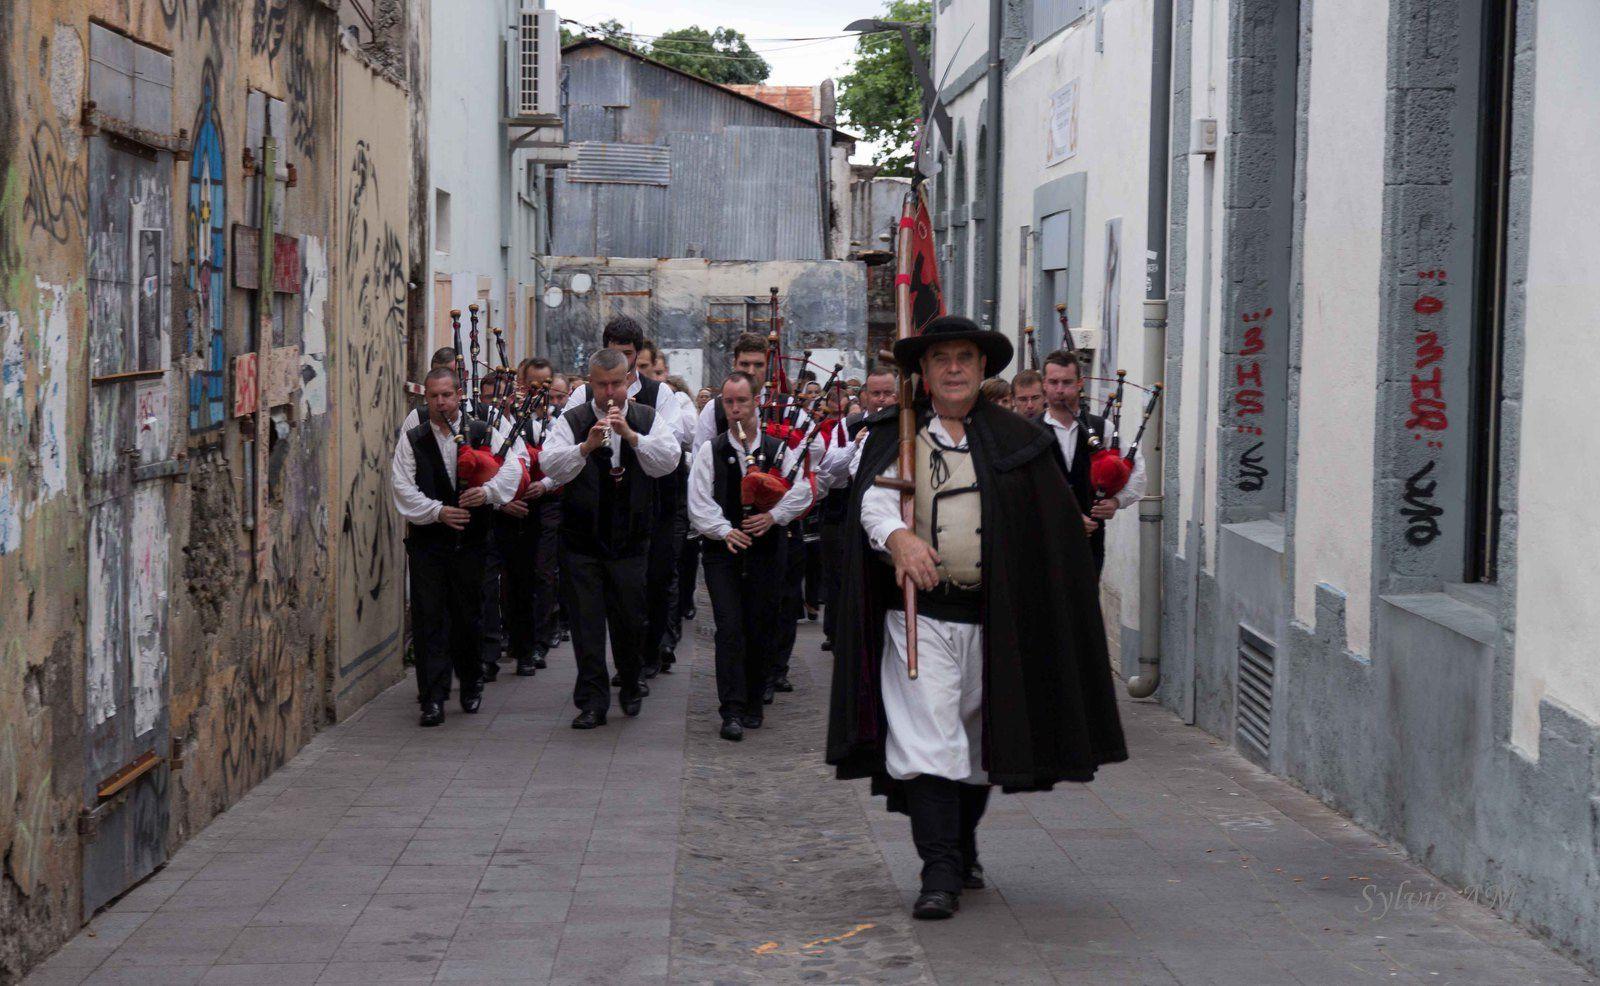 La Kevrenn dans les rues de Saint Denis le 26 octobre 2013